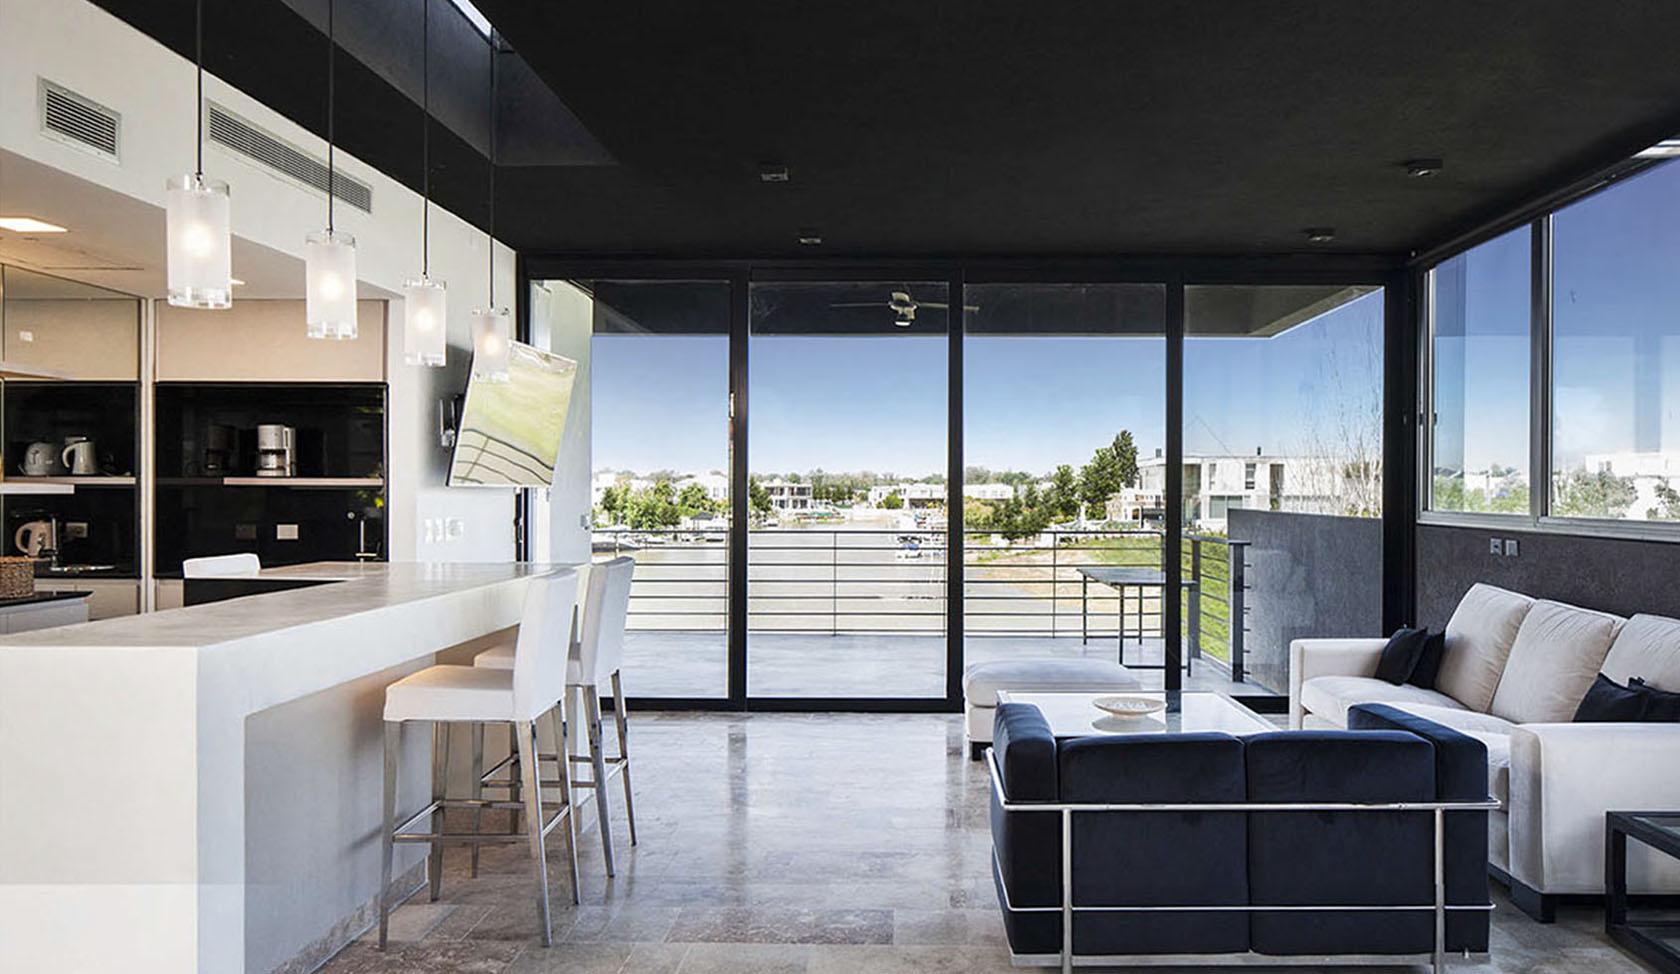 diseño de interiores en casas, interiores modernos en viviendas, vistas con vista al lago